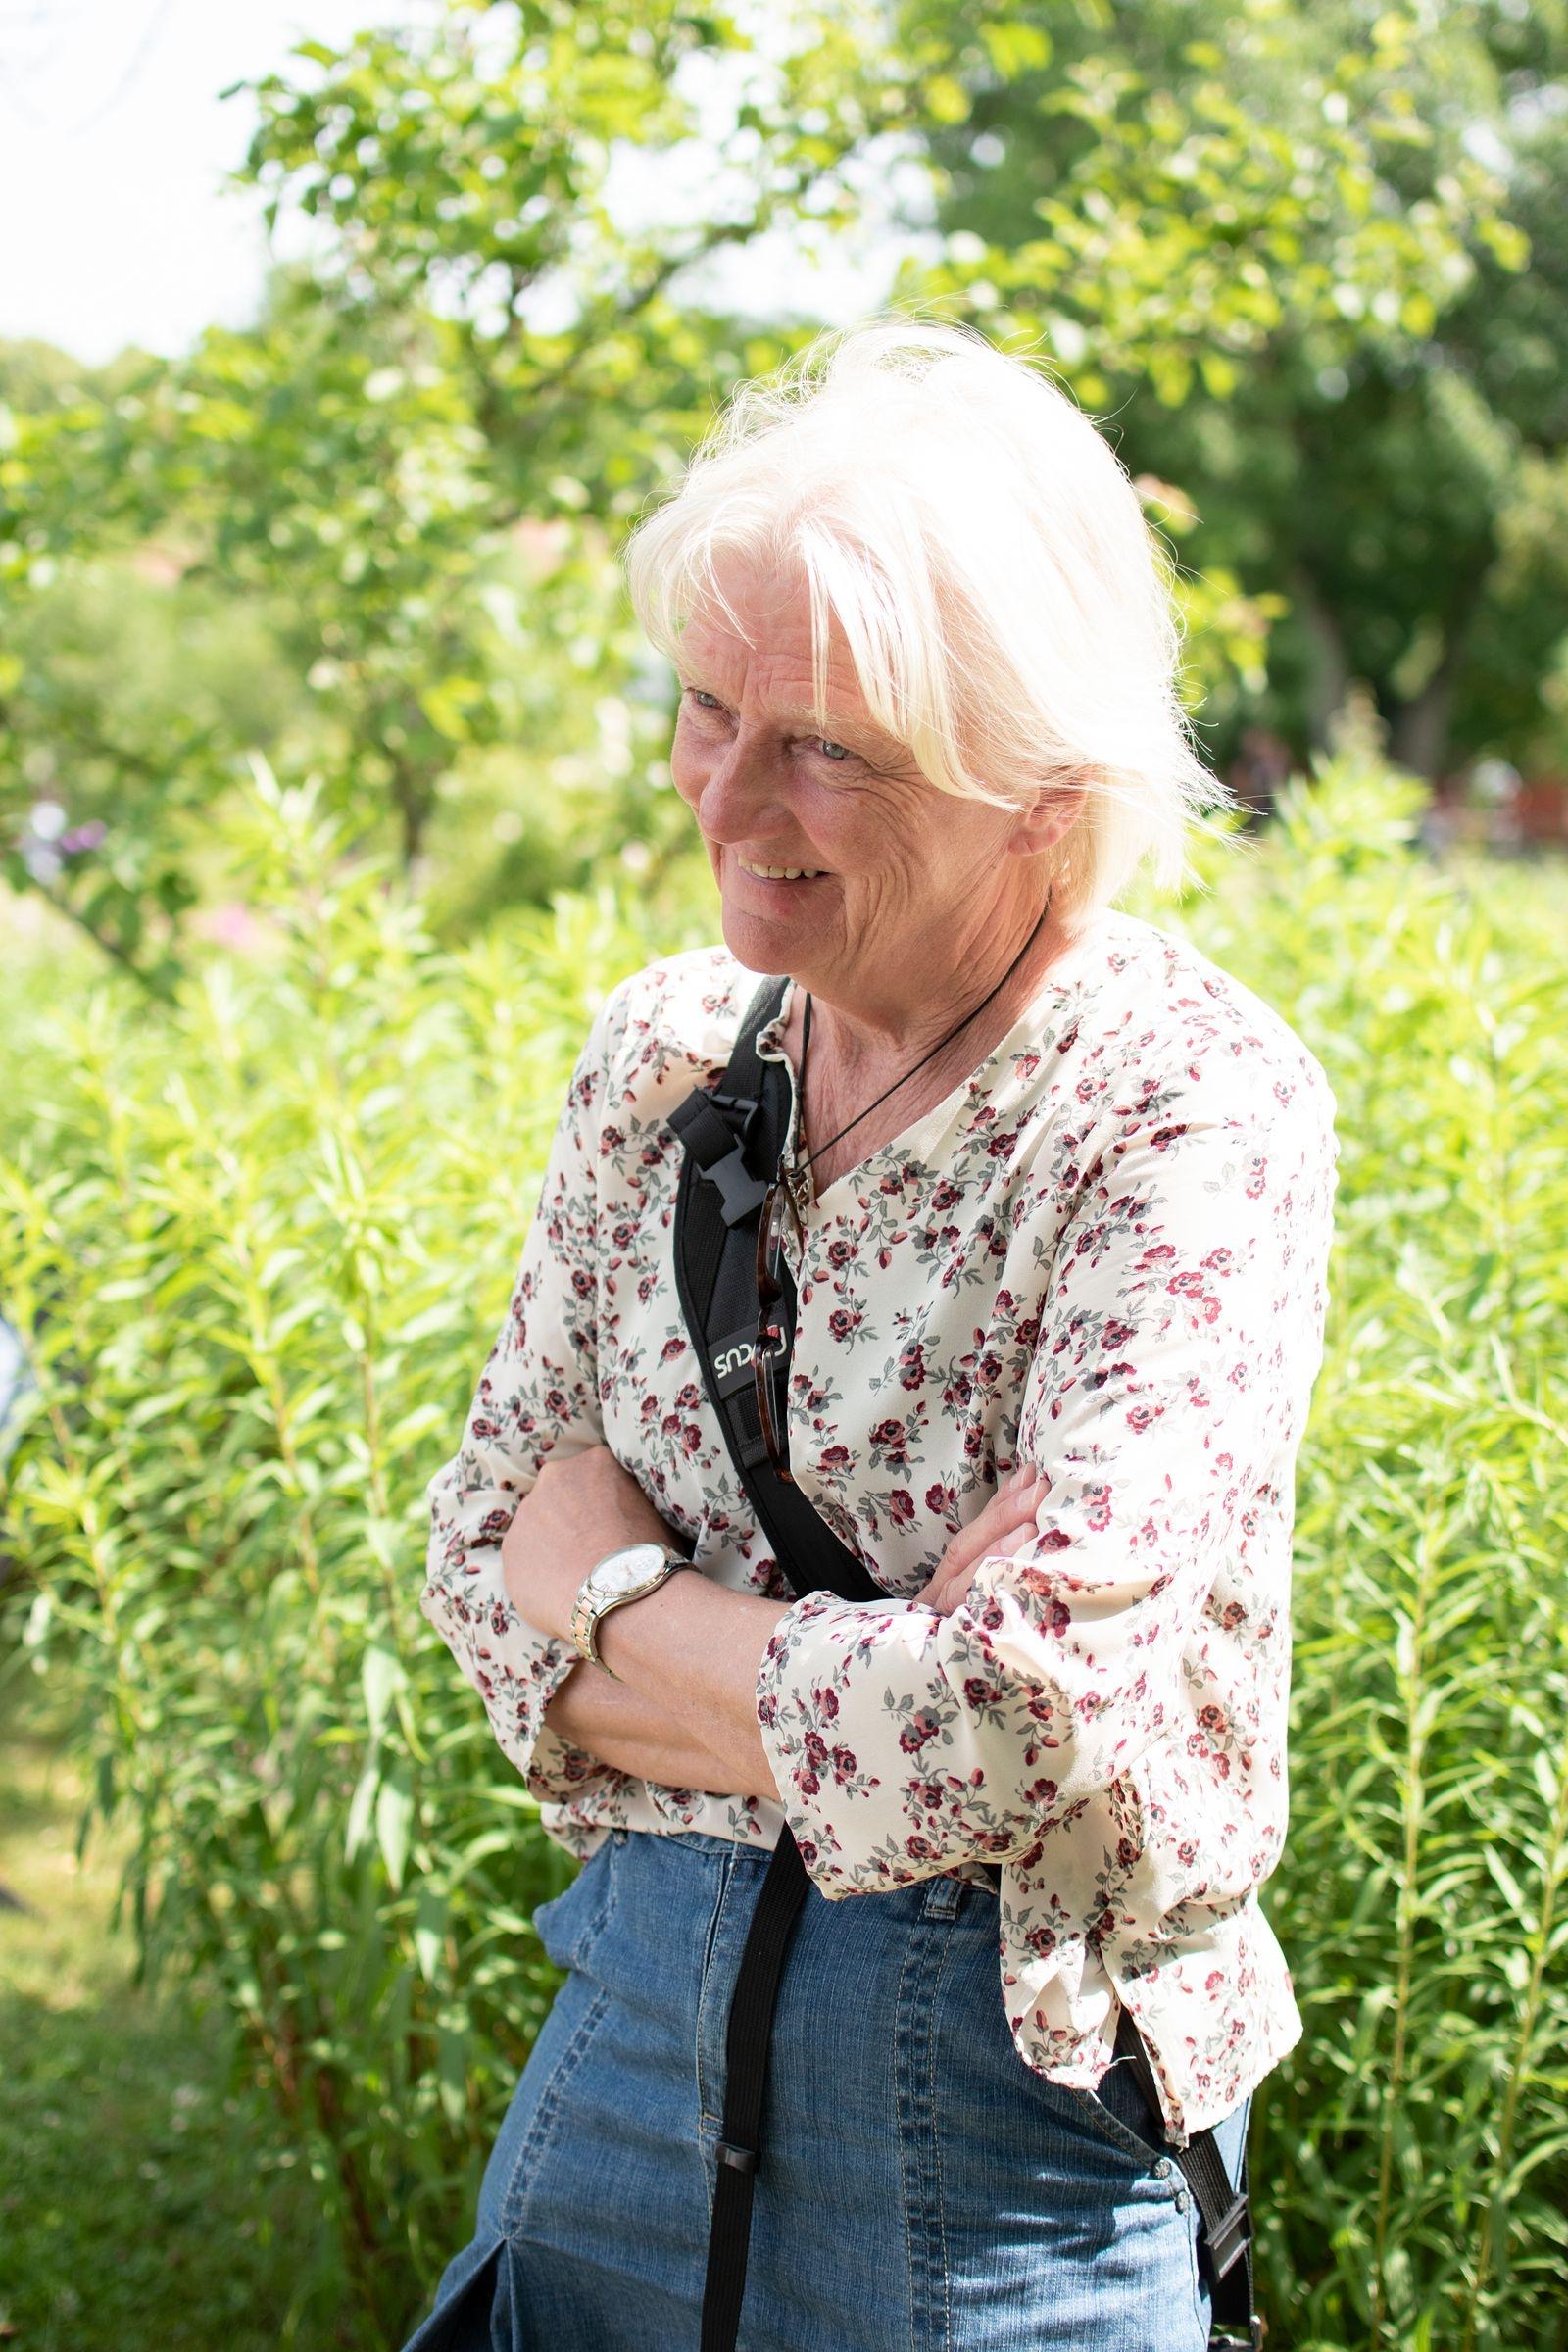 Ulla Geertsen Elm var en av klubbens utställare den här dagen…